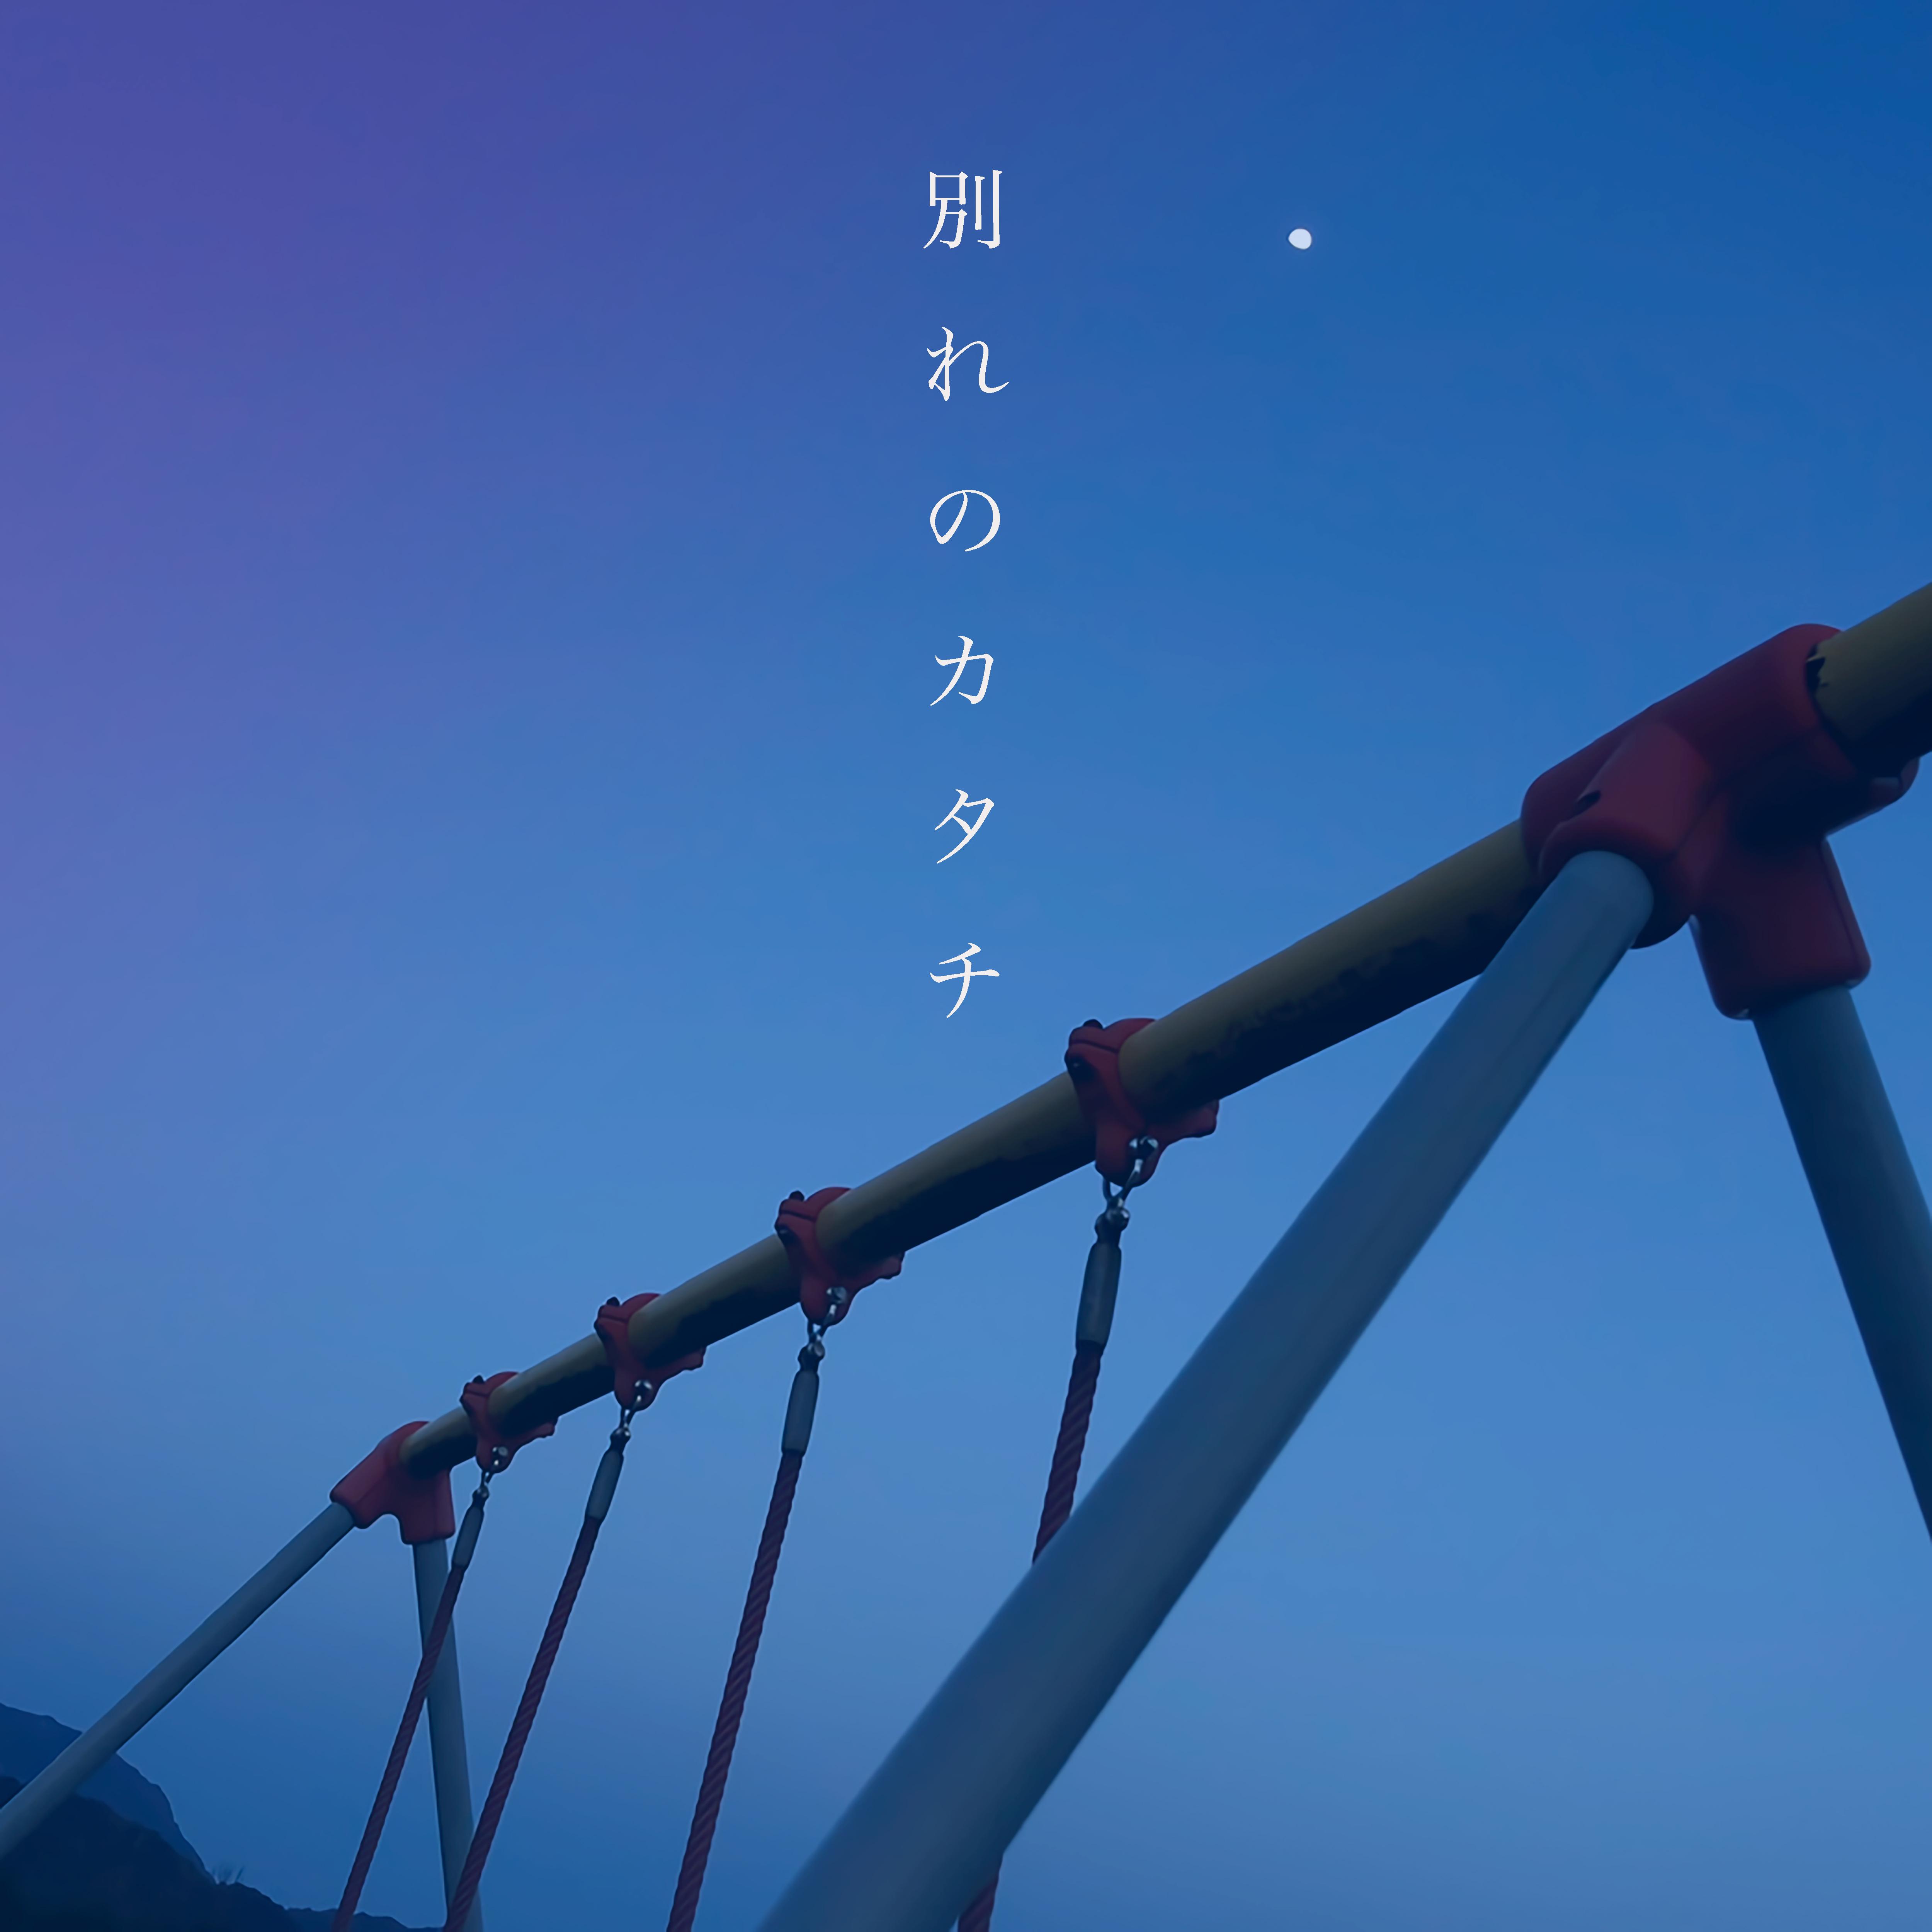 別れのカタチ / 竹丸 feat.Uniaxia